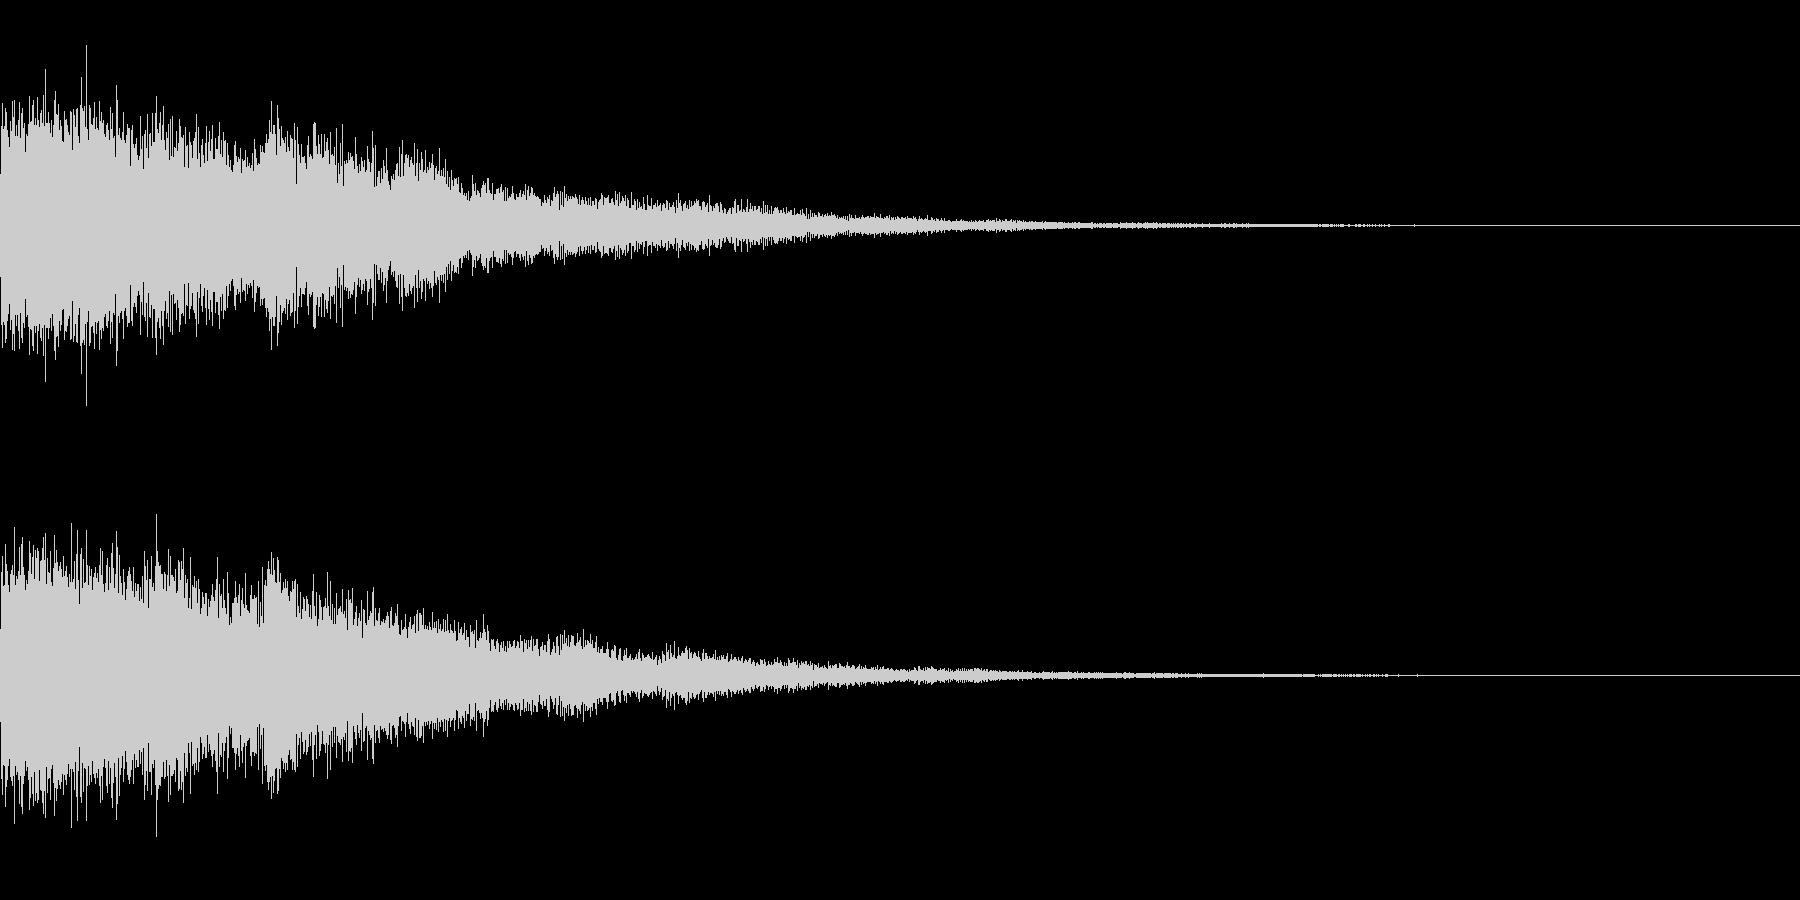 [チャララーン] 決定 (可愛く華やか)の未再生の波形